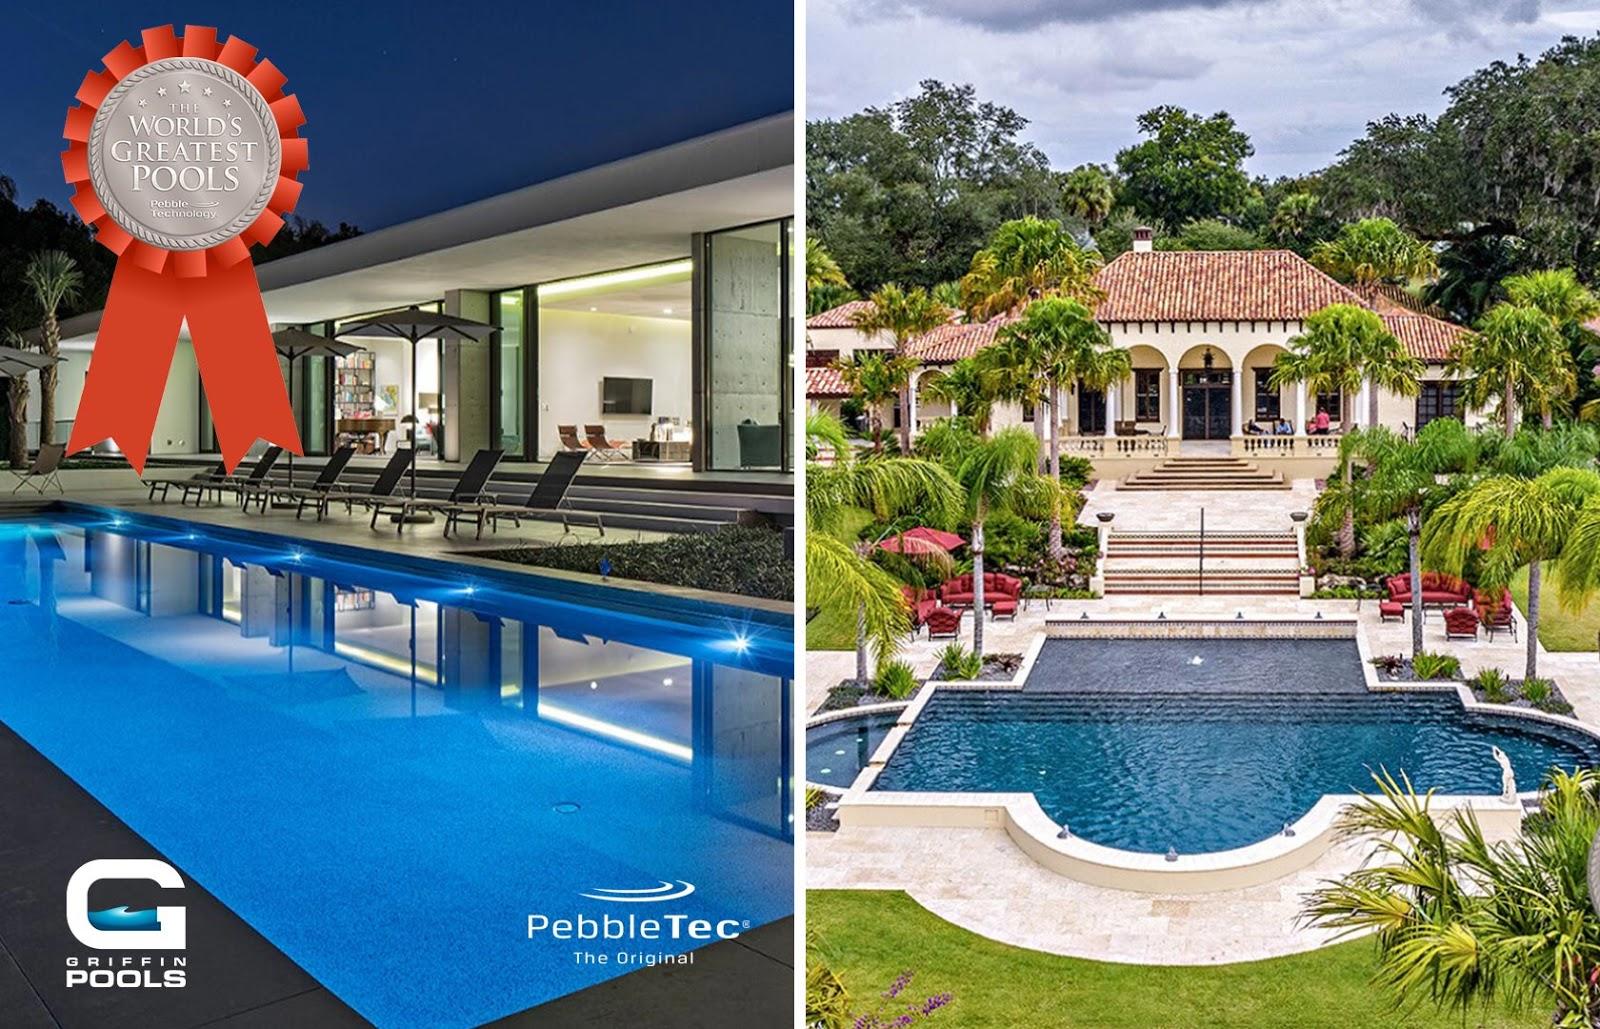 Pebble Tec World's Greatest Pools